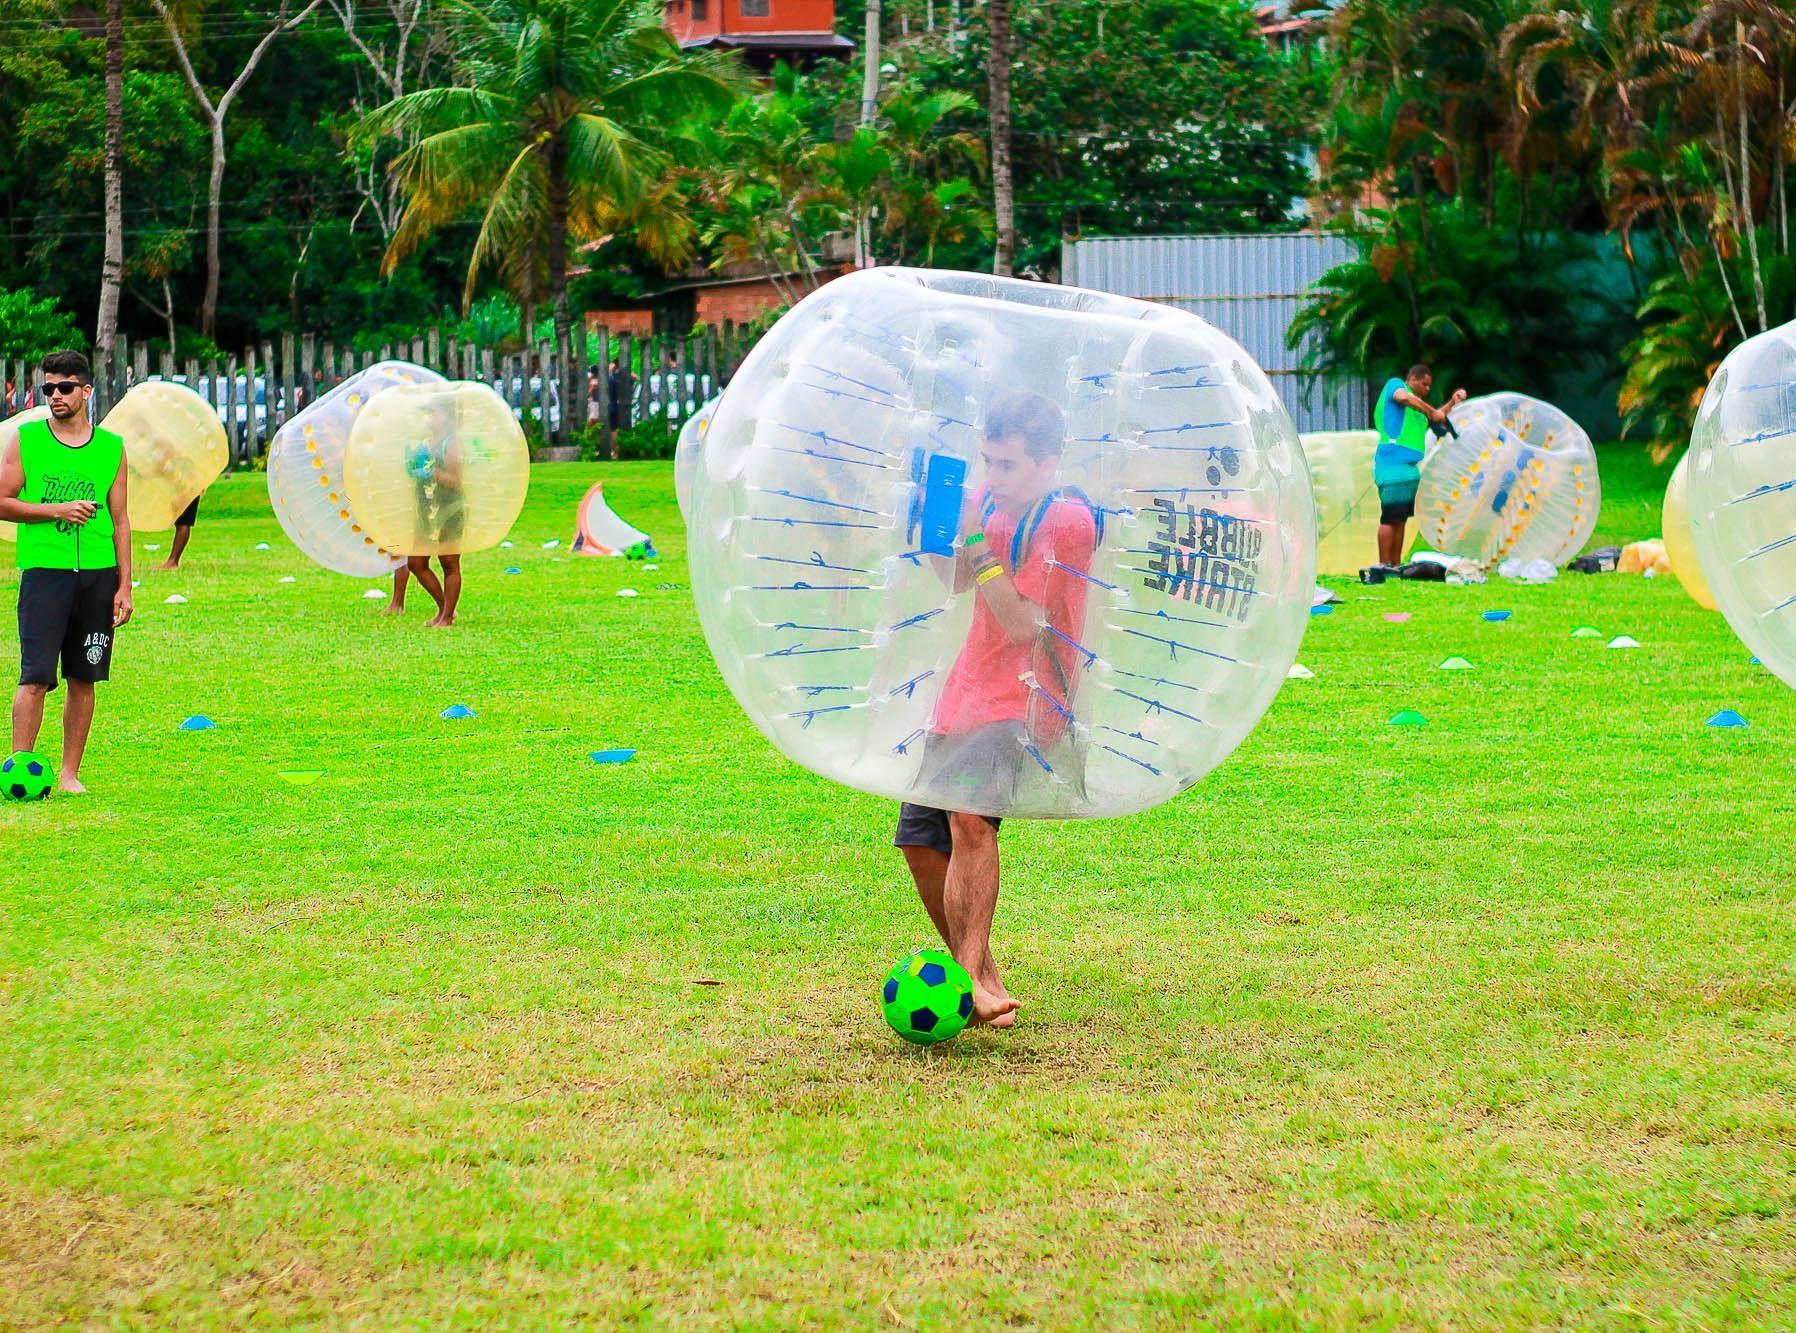 Evento em Curitiba terá futebol com bolha gigante e pebolim humano